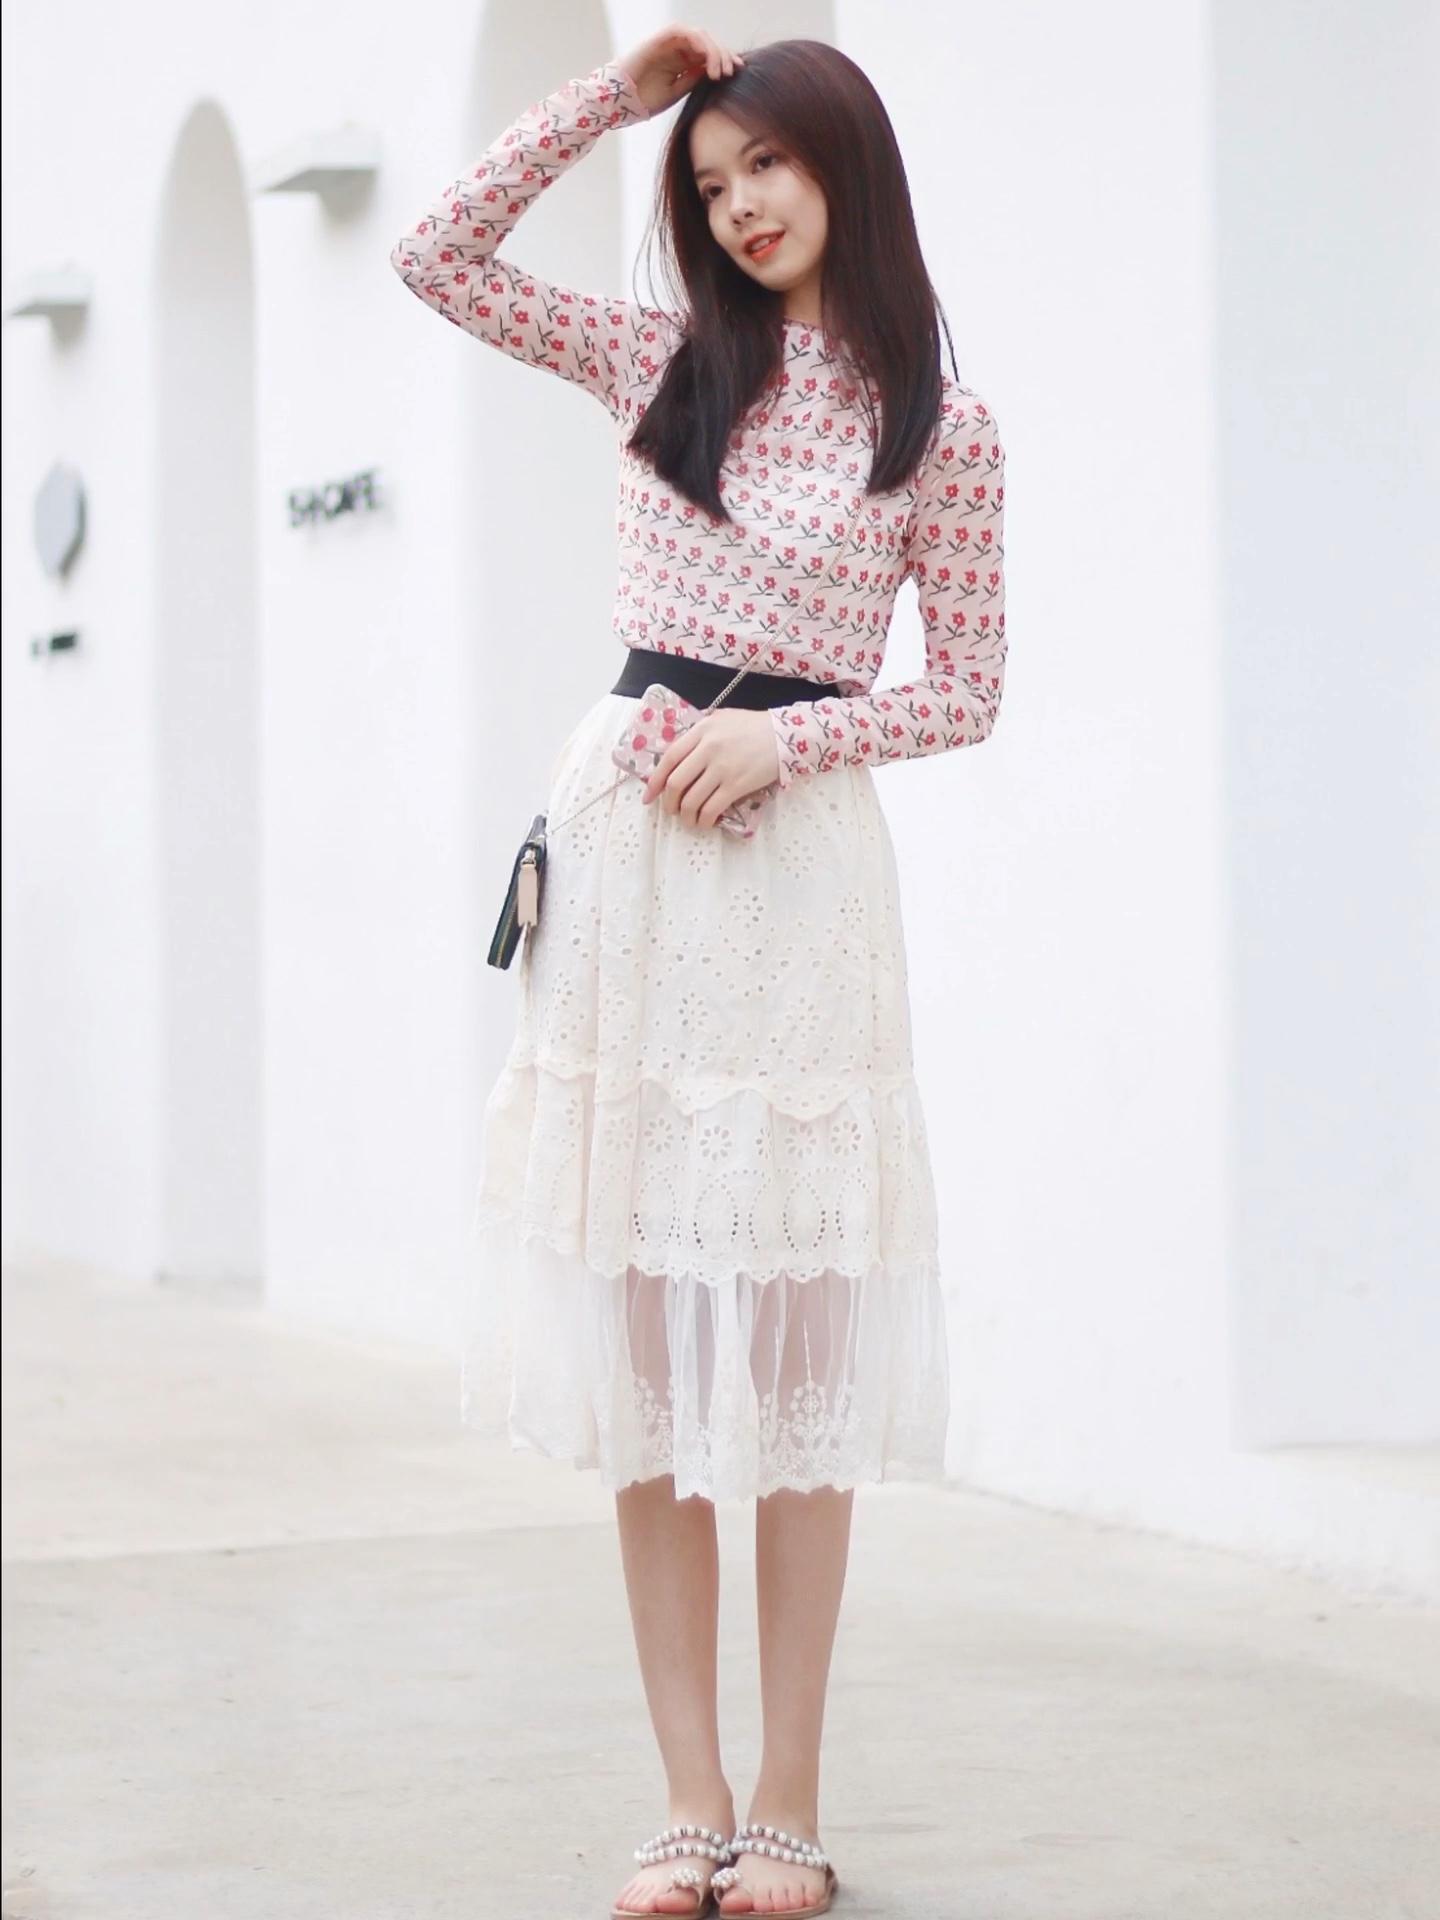 炫雅小碎花,今年大热打底衣 搭配素雅的蕾丝裙有视觉上的碰撞 珍珠鞋作为小点缀 #被炫雅同款性感美腻slay到#